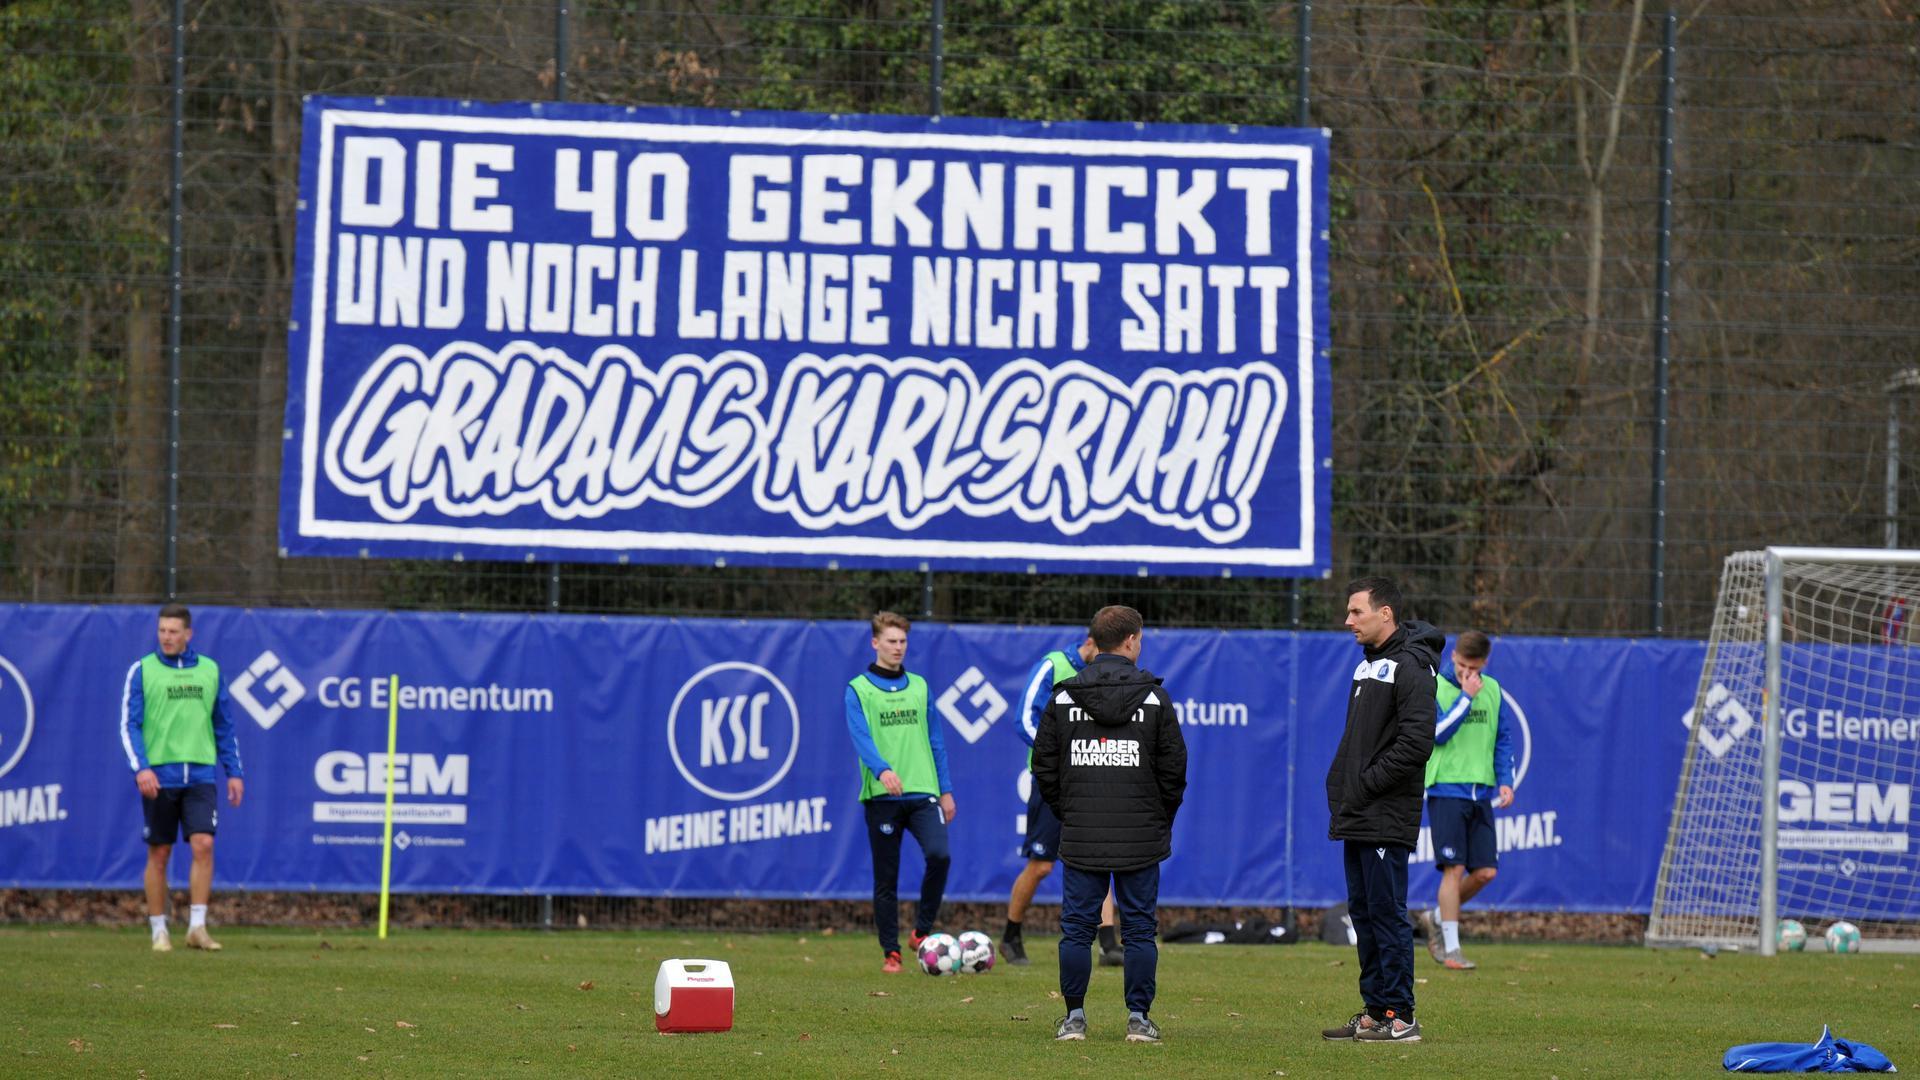 Nette Geste der Unterstützung: Anhänger des Karlsruher SC brachten während der Übstunde von Christian Eichner und Zlatan Bajramovic ein Plakat am Trainingsplatz an.